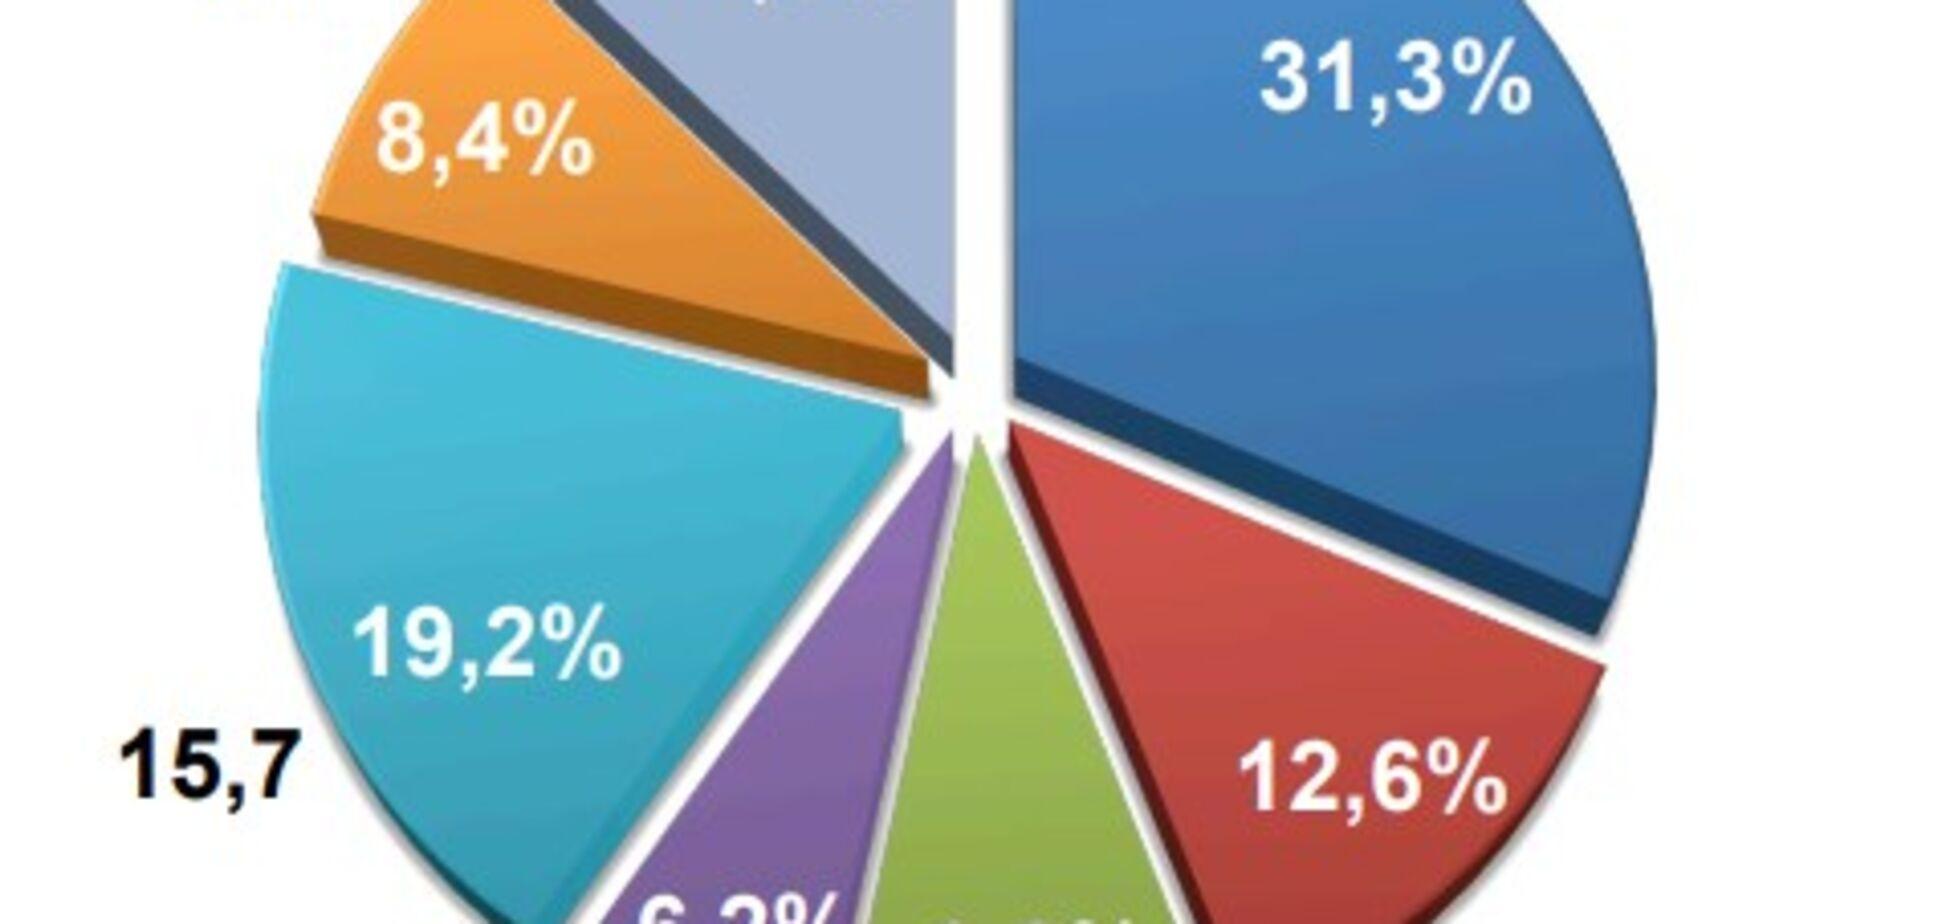 Борг у 10% Держбюджету: хто в Україні не платить податки